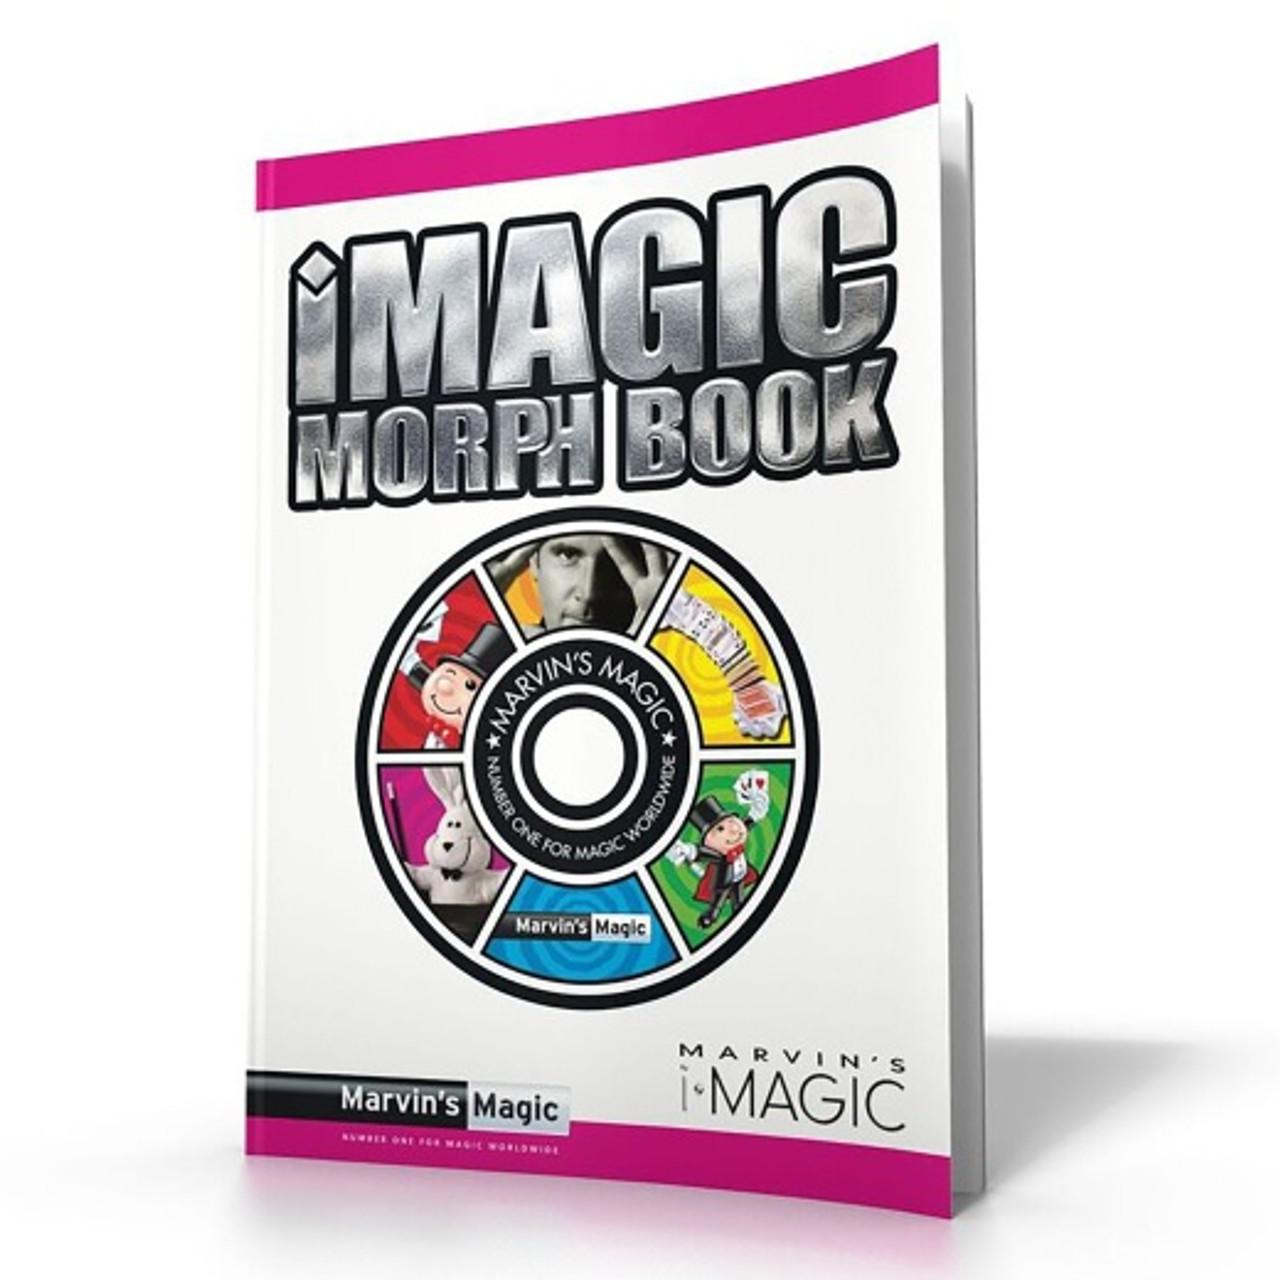 MARVIN'S MAGIC IMAGIC MORPH BOOK